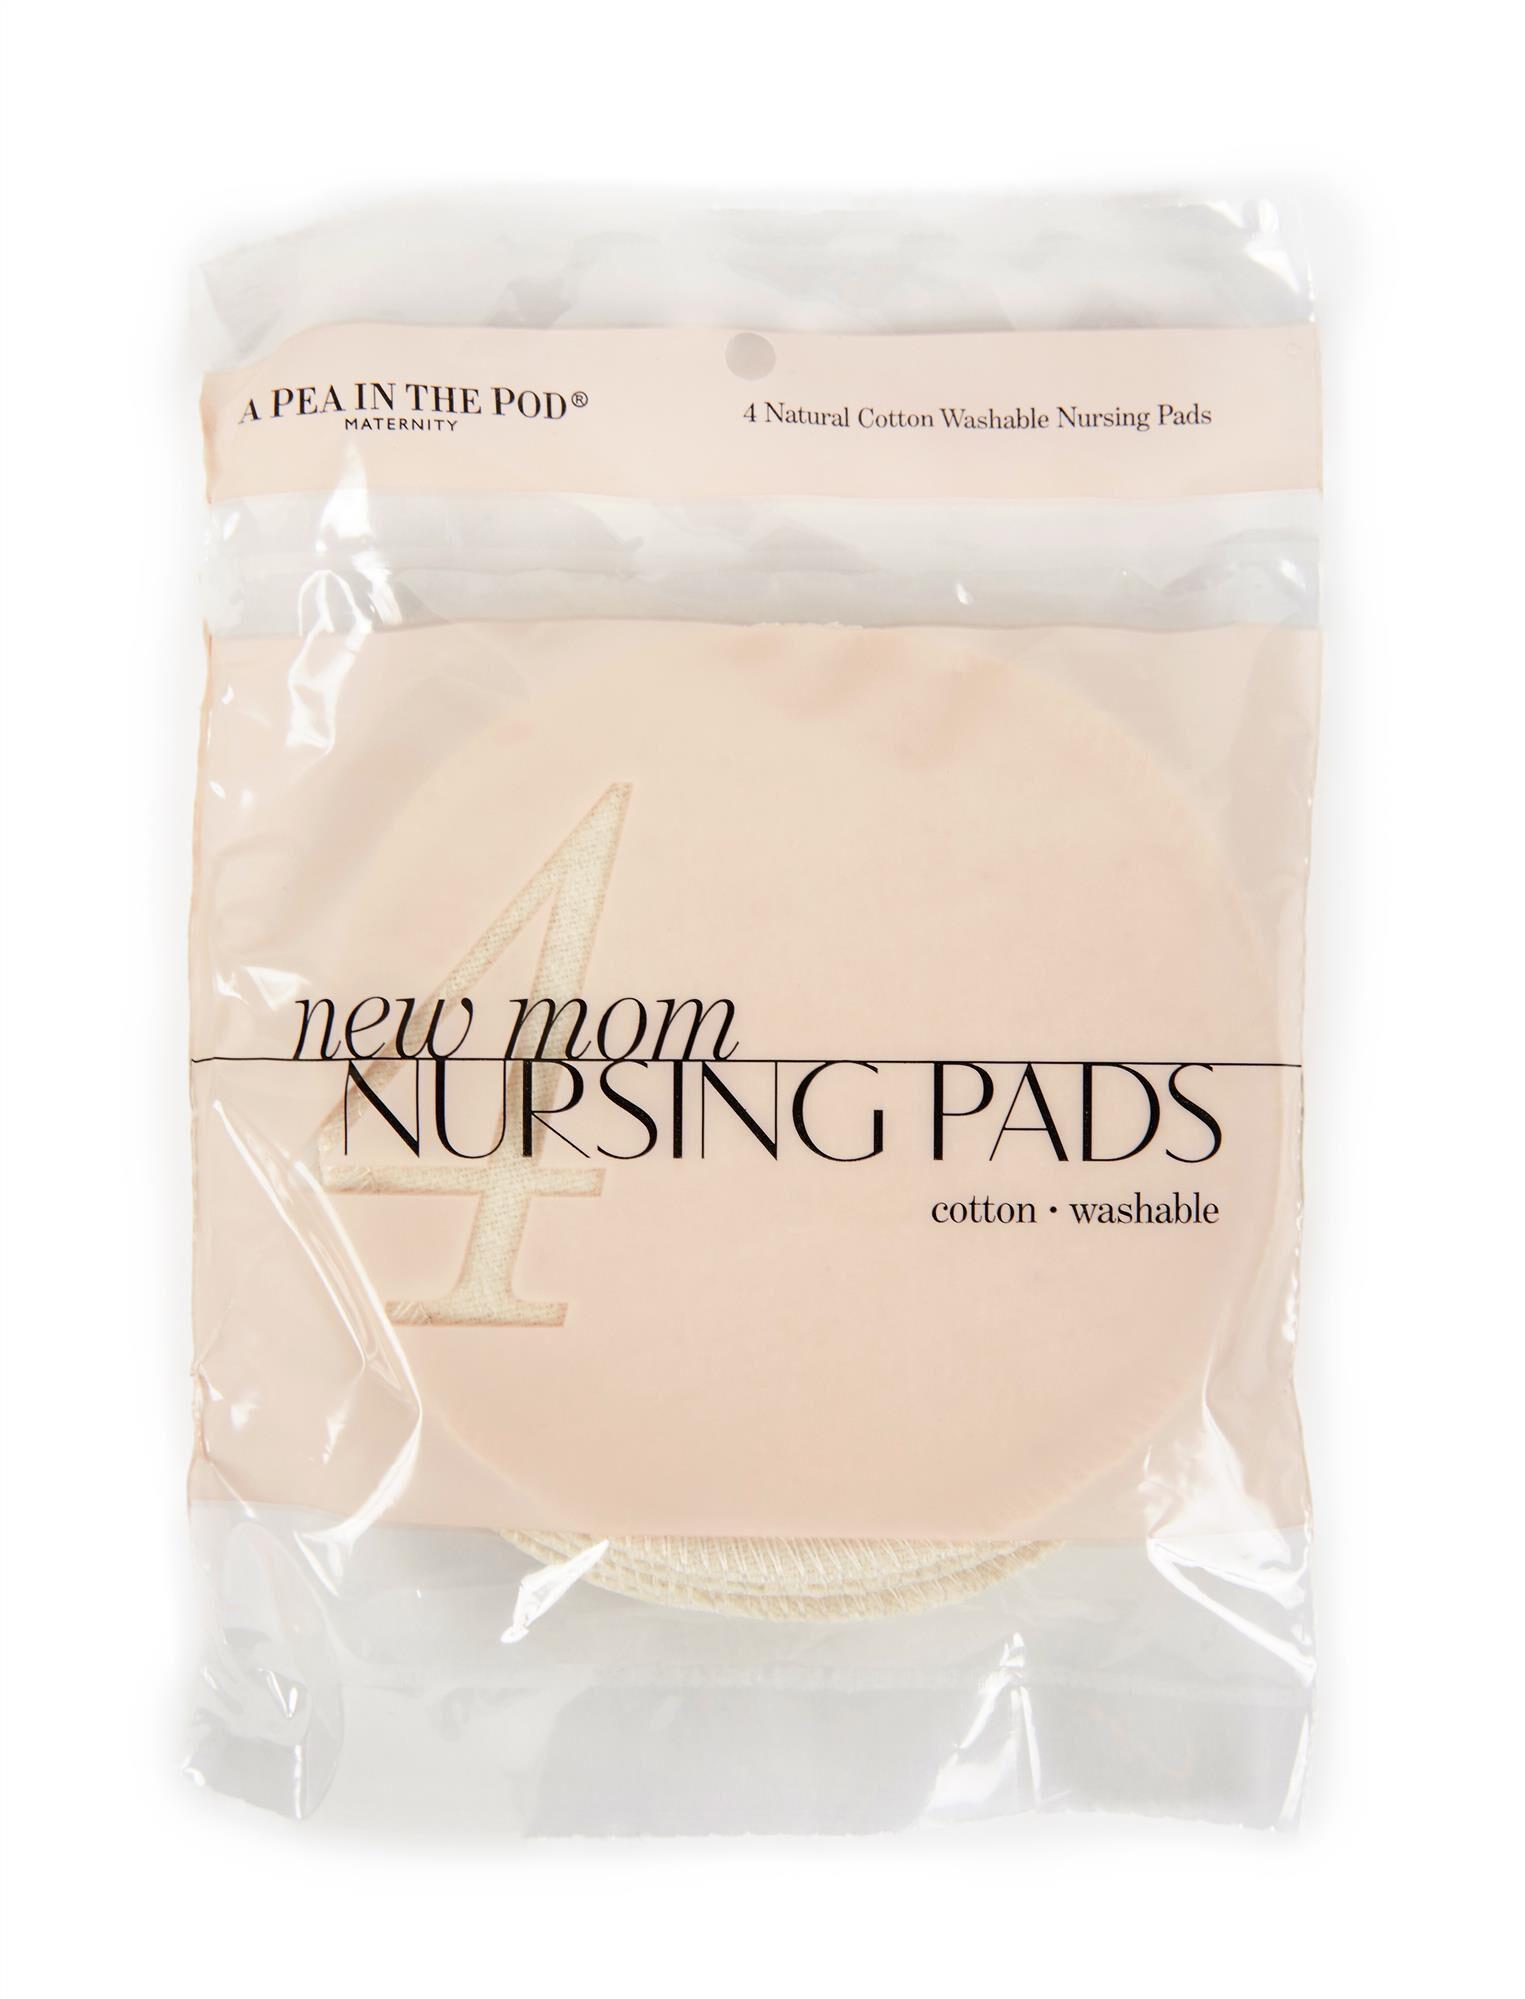 Cotton Washable Nursing Pads